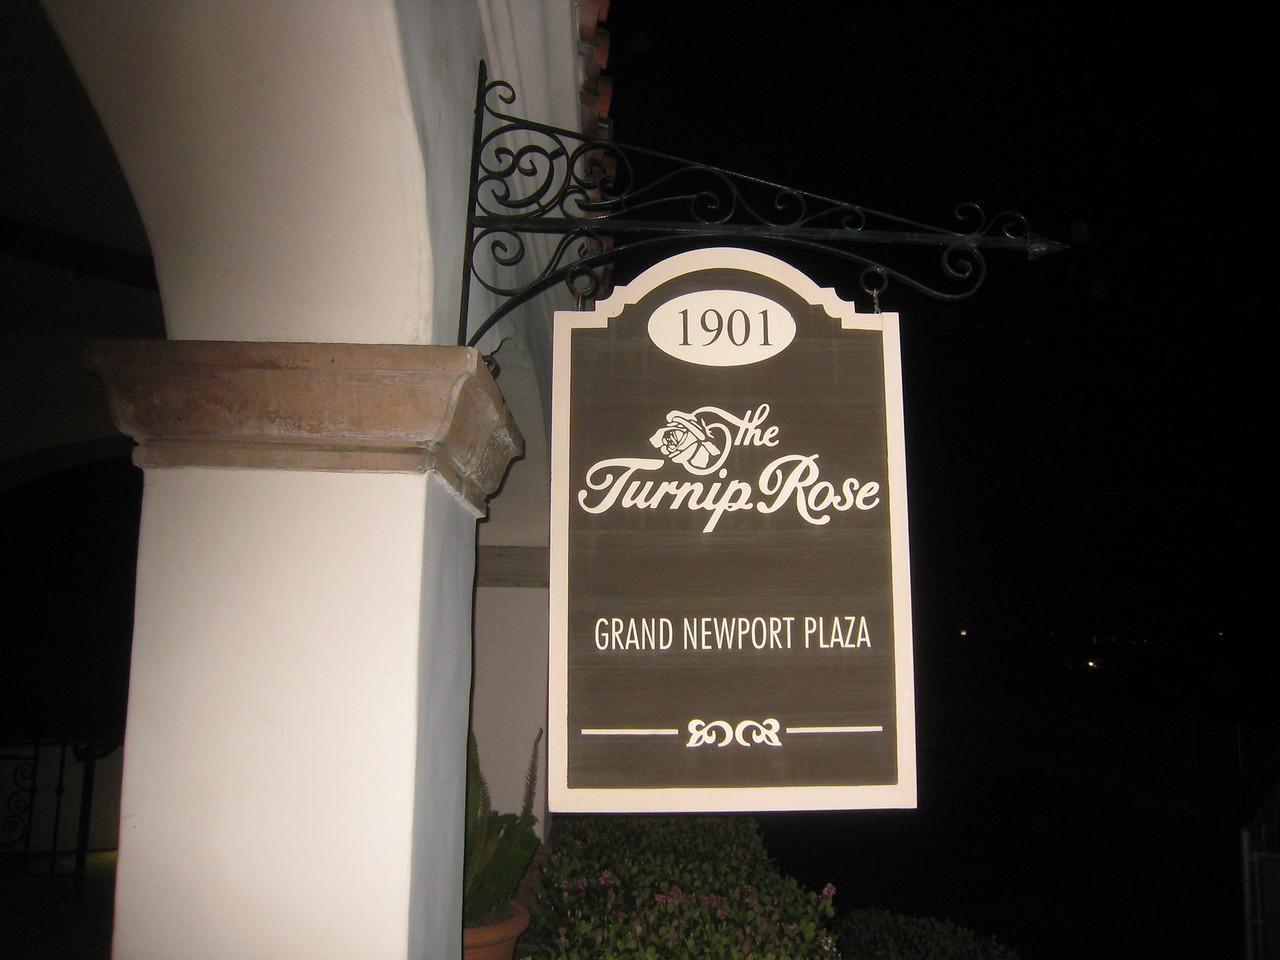 01 Meeting at Turnip Rose in Costa Mesa